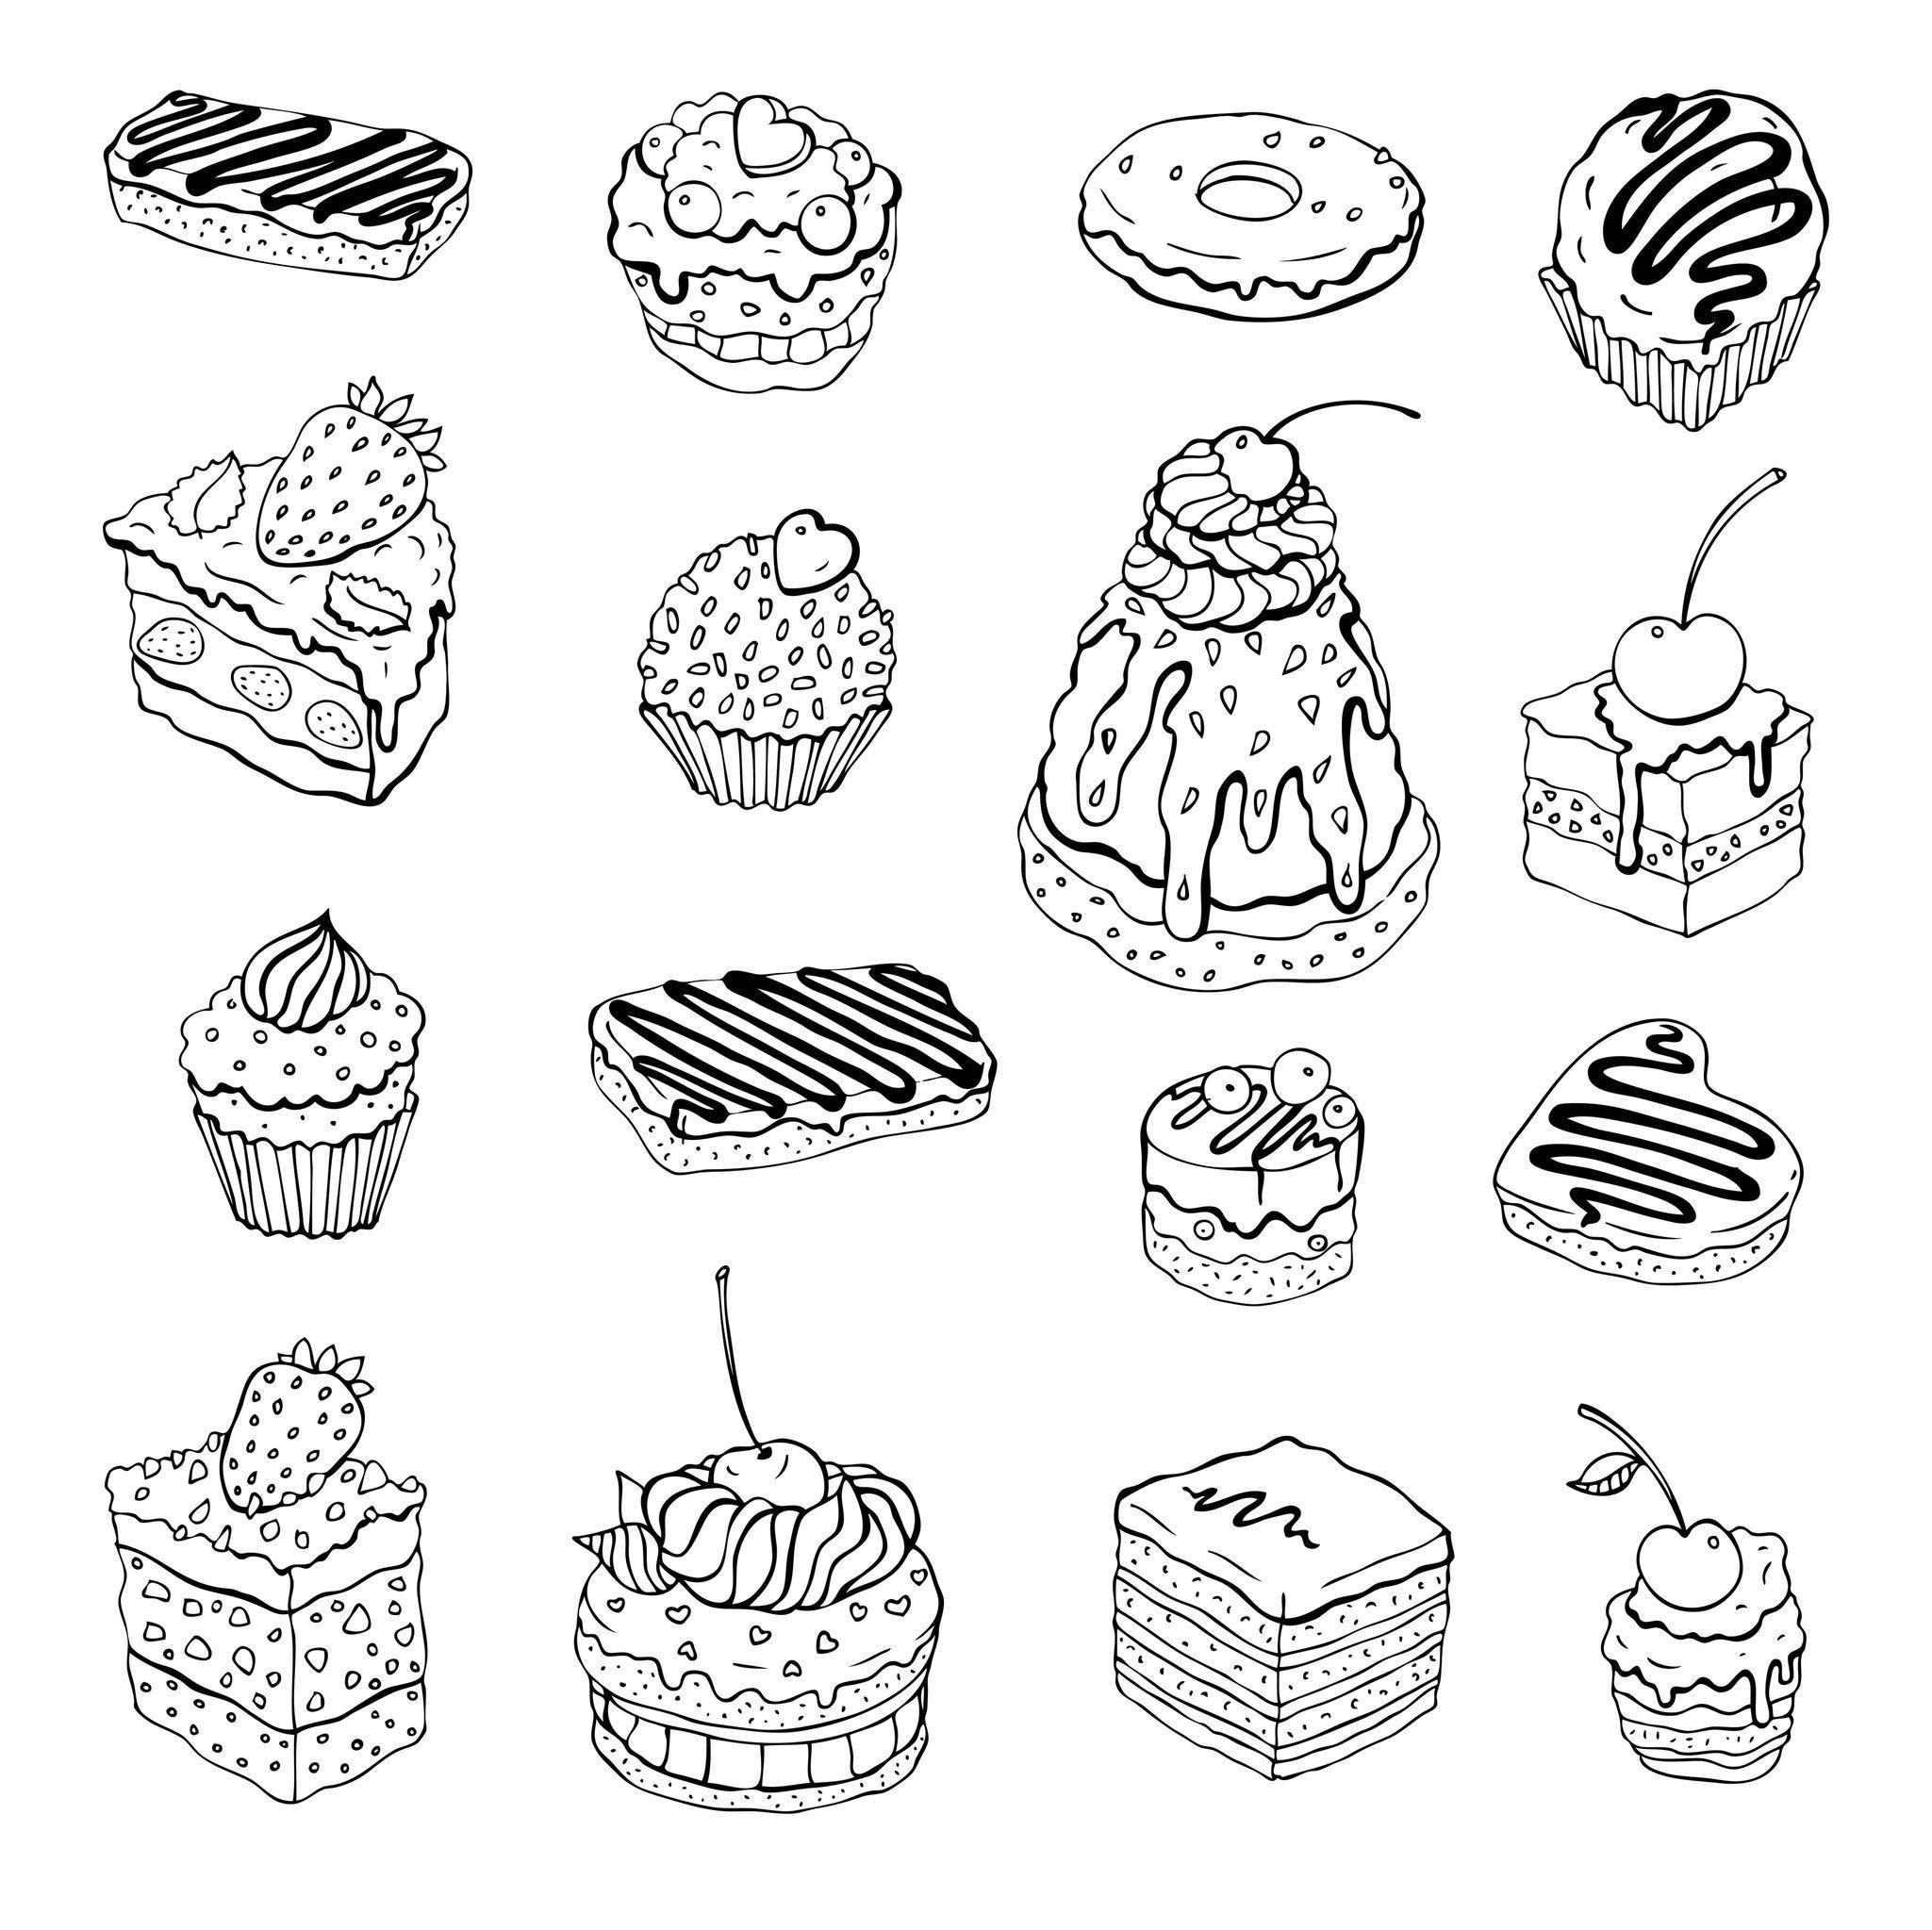 Coloriage De Patisserie Coloriage Gateau Dessin Cupcake Gateau Dessin